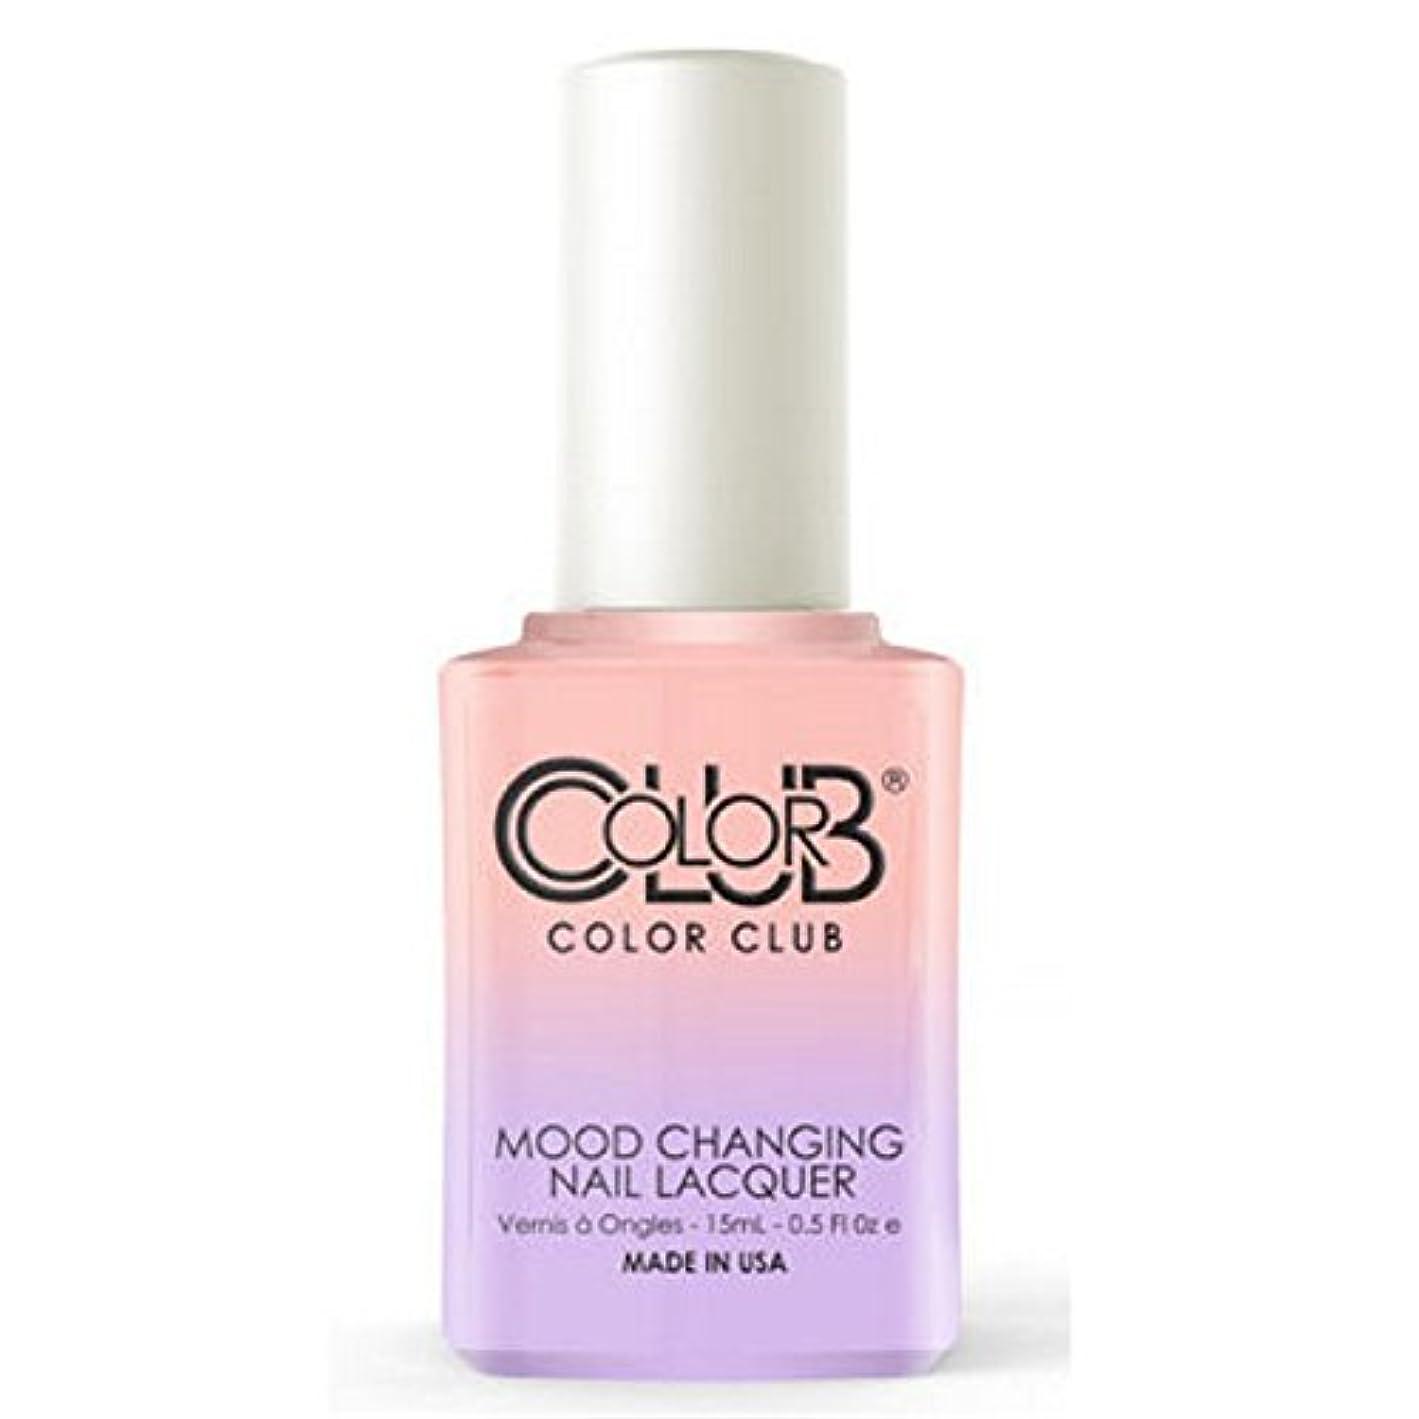 悩みブリッジブラウンColor Club Mood Changing Nail Lacquer - Everything's Peachy - 15 mL / 0.5 fl oz